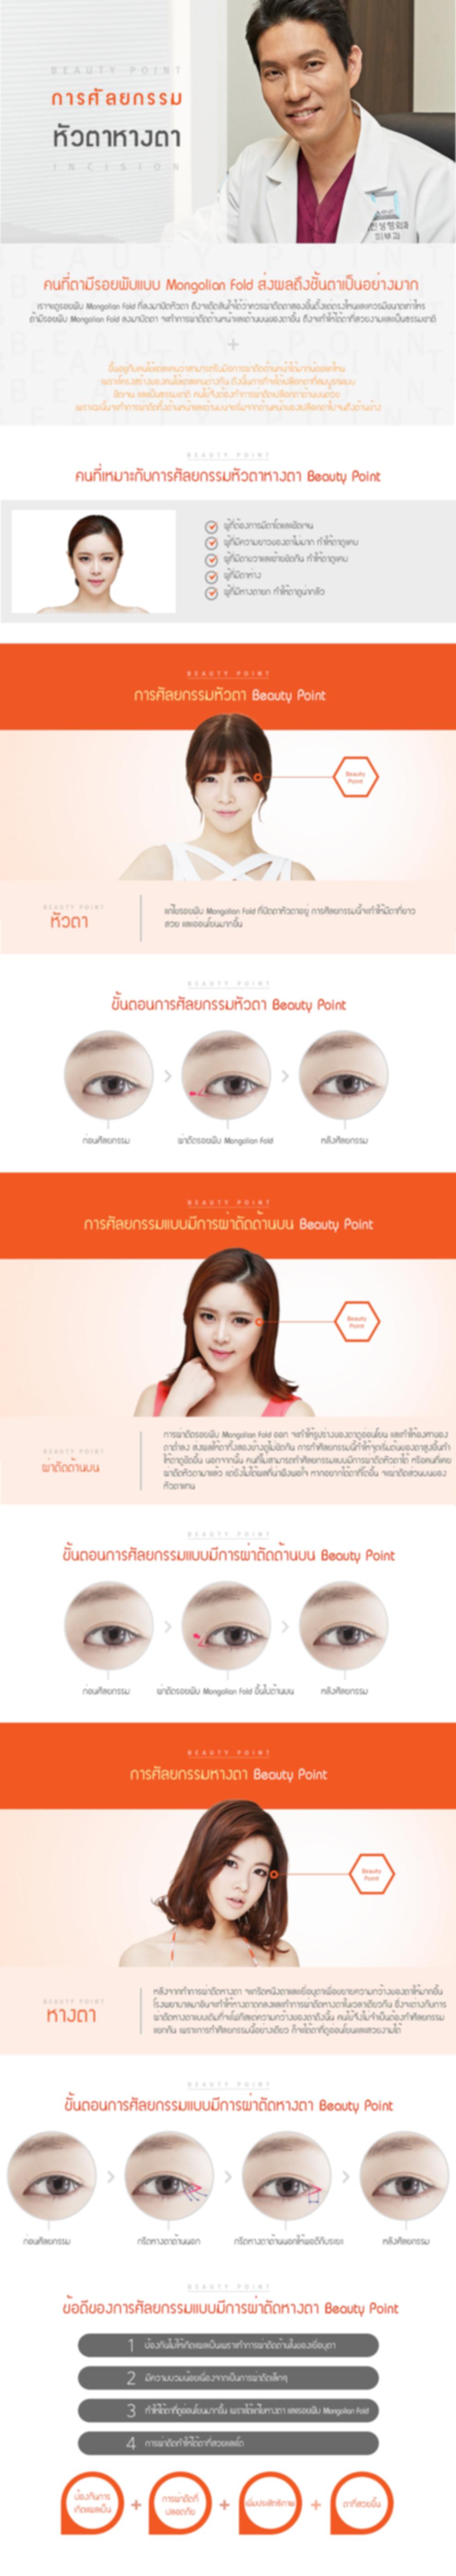 ศัลยกรรมหัวตาหางตา.jpg